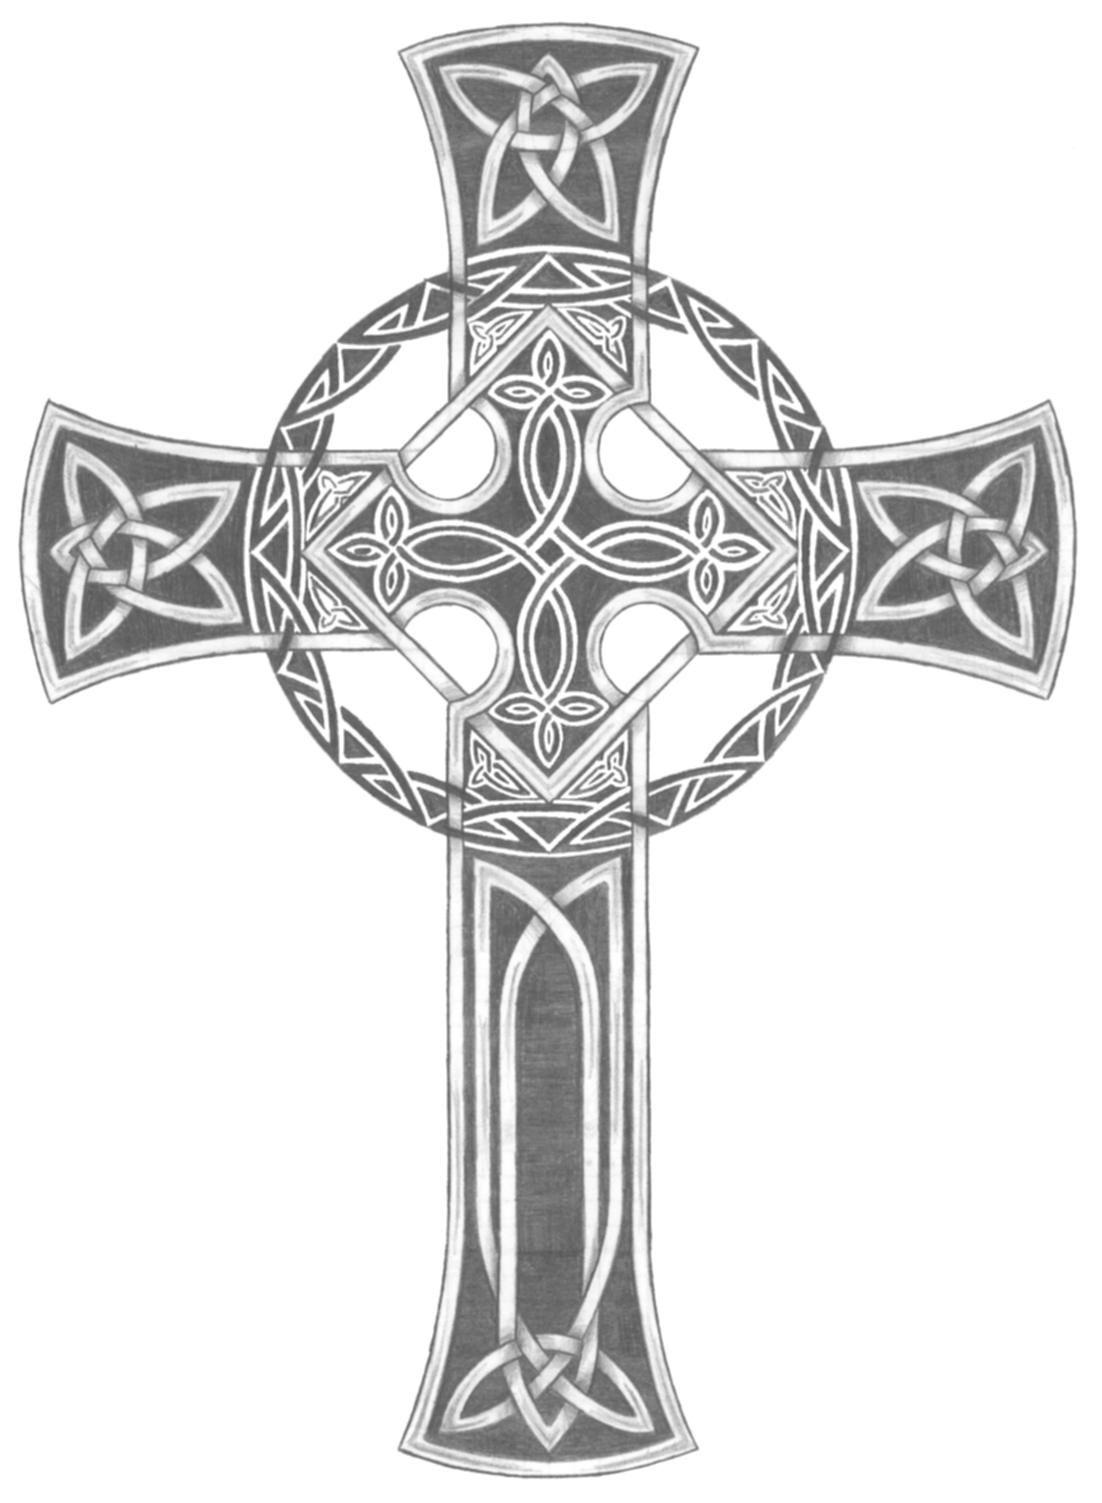 http://1.bp.blogspot.com/-ty_7CAs31jw/T_W8RU5_kpI/AAAAAAAAFHs/xy8LLbFZGyc/s1600/Celtic_Cross_Tattoo_by_willsketch.png